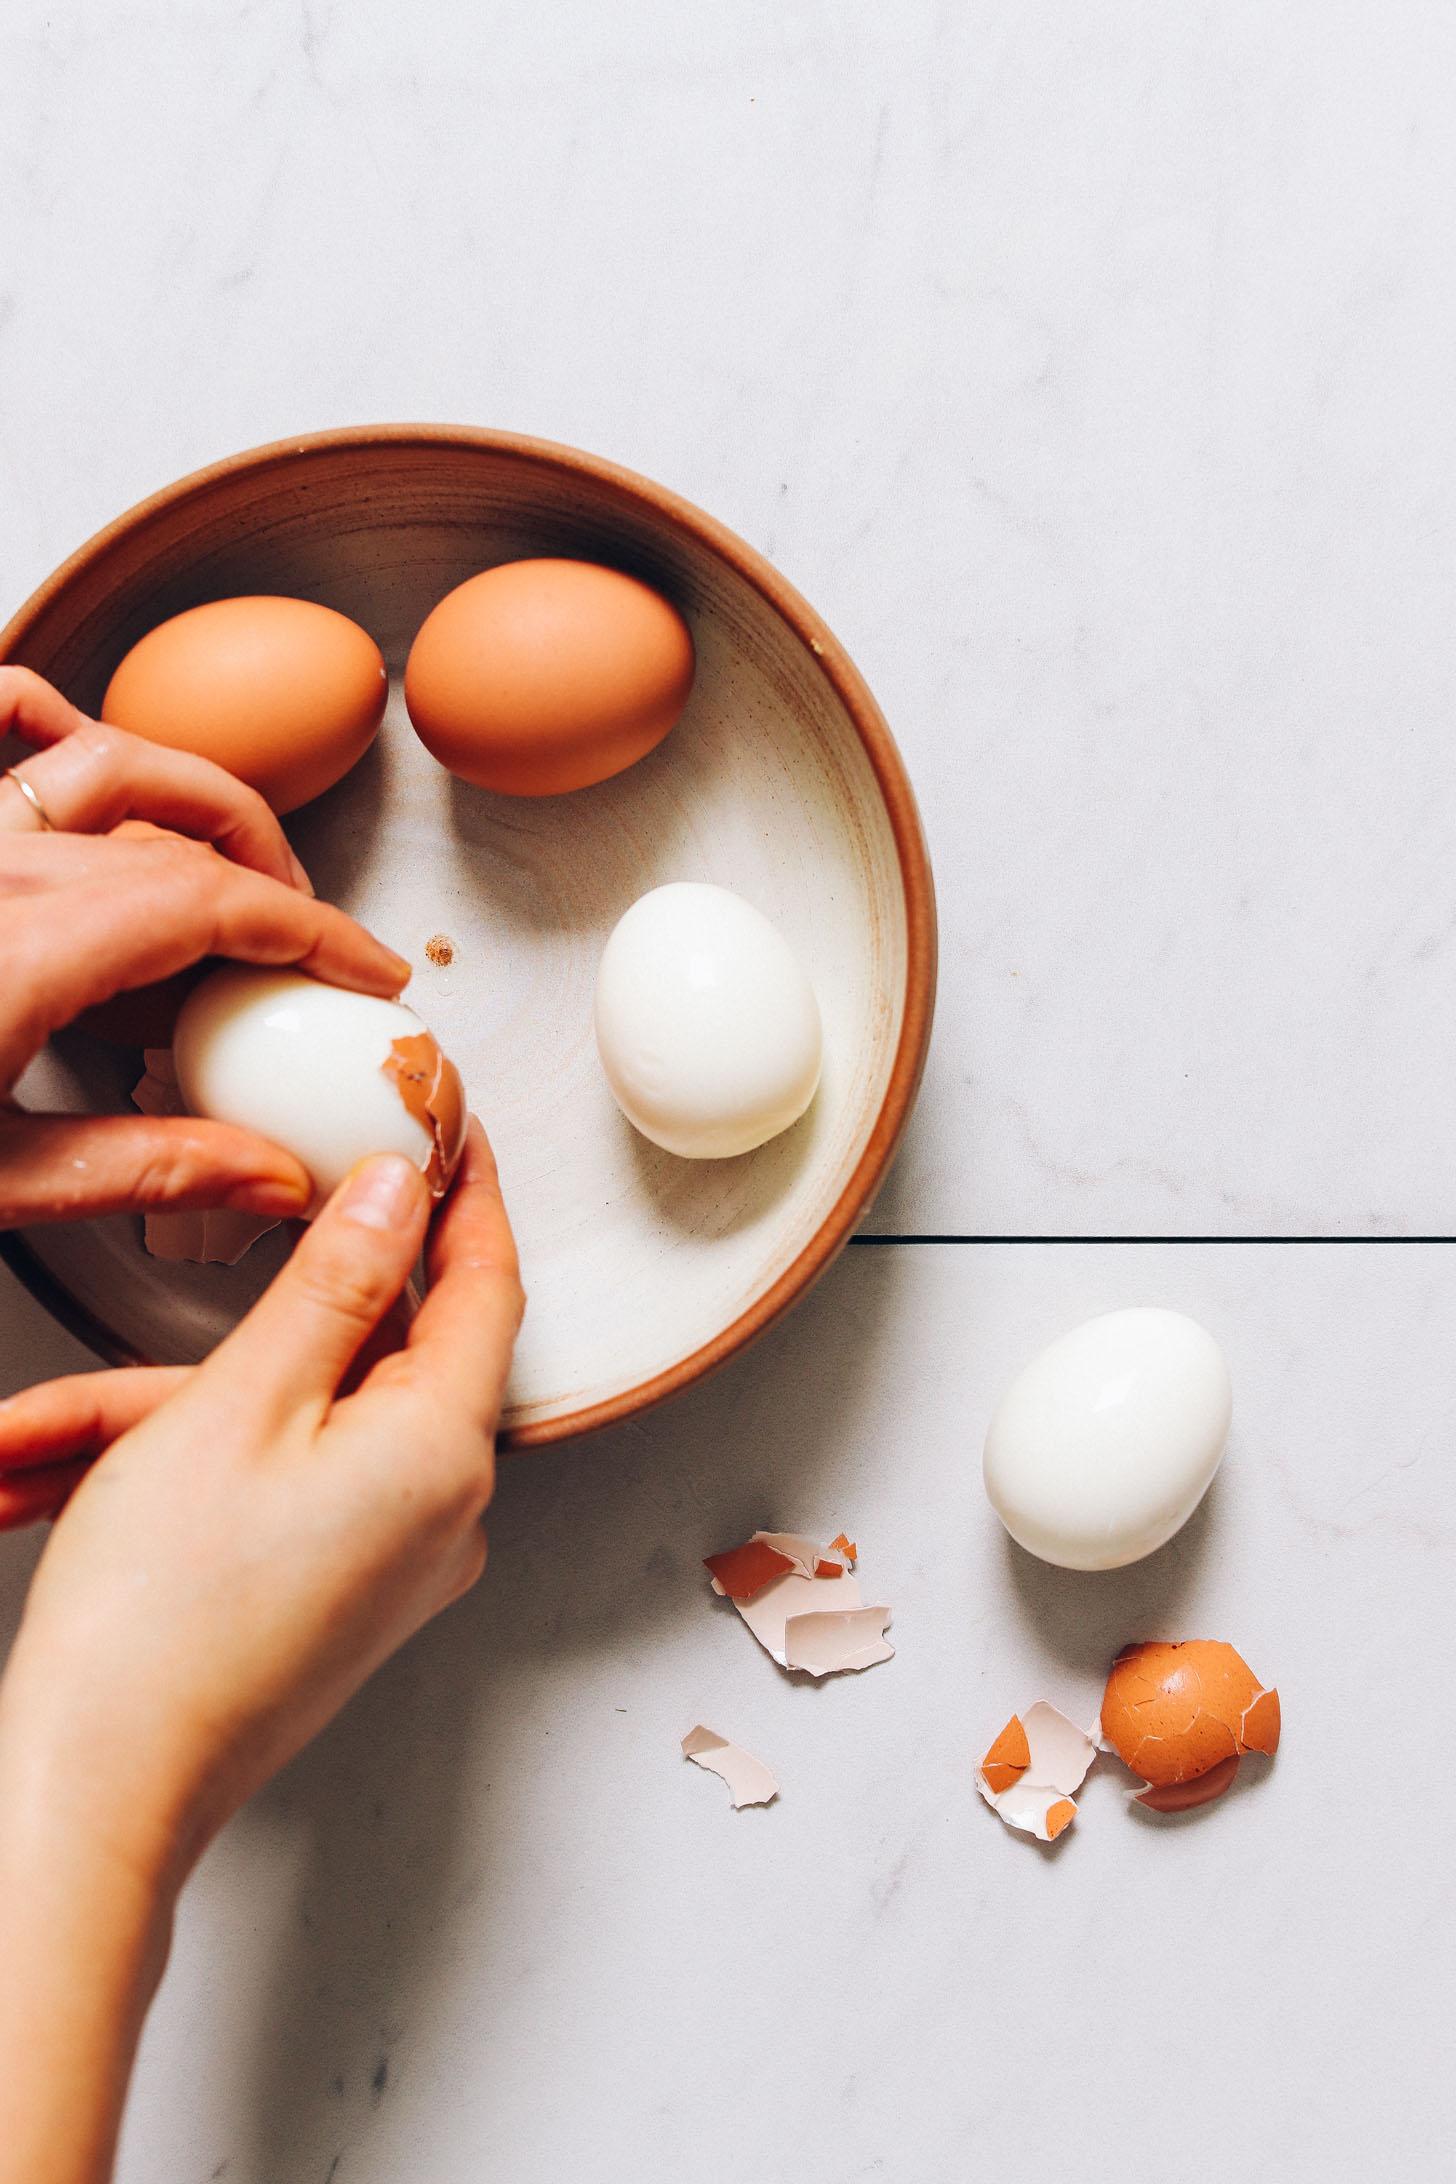 Peeling hard boiled eggs for our Deviled Eggs recipe